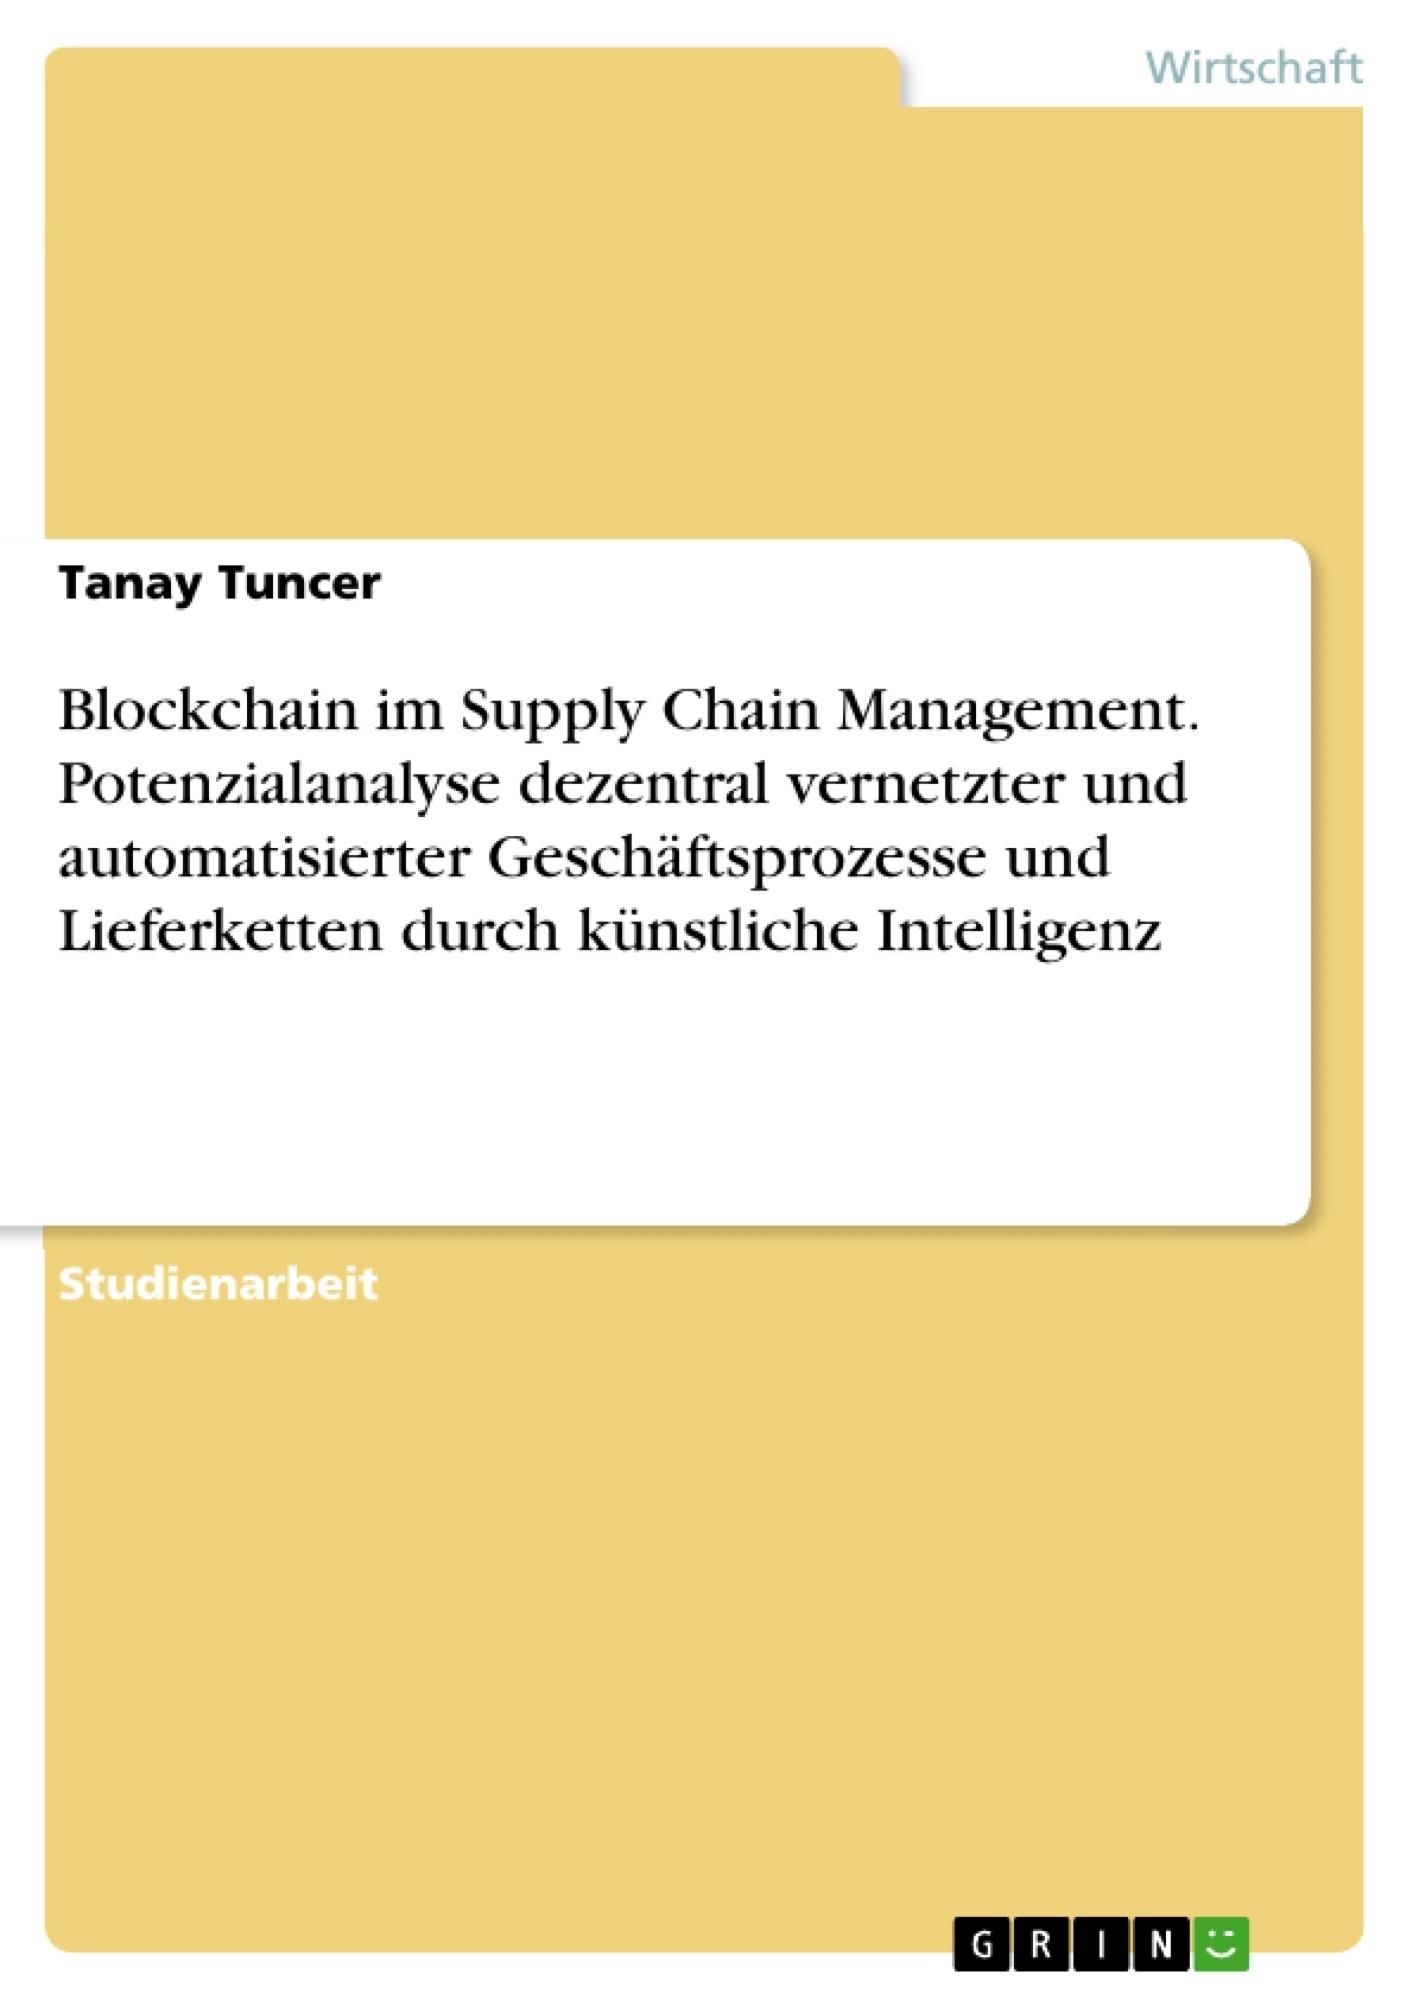 Titel: Blockchain im Supply Chain Management. Potenzialanalyse dezentral vernetzter und automatisierter Geschäftsprozesse und Lieferketten durch künstliche Intelligenz